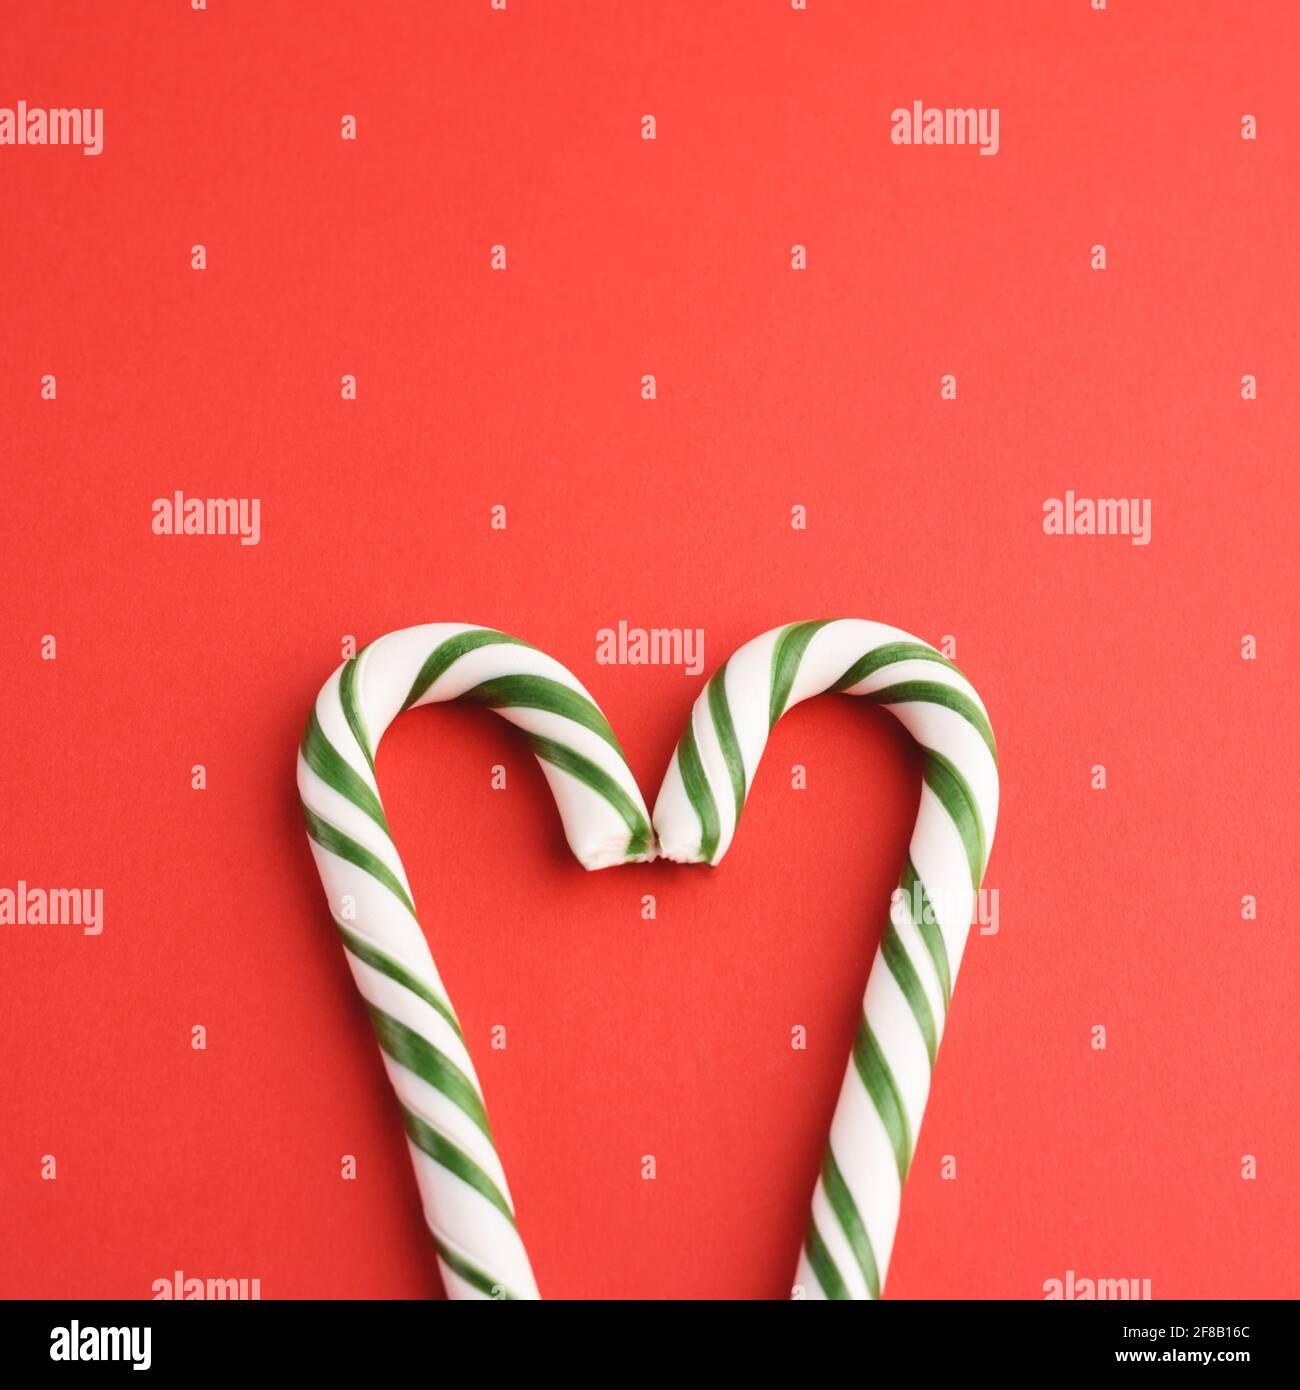 Caramelle dure a forma di cuore bianco e verde a strisce natalizie sul dorso rosso. Foto Stock